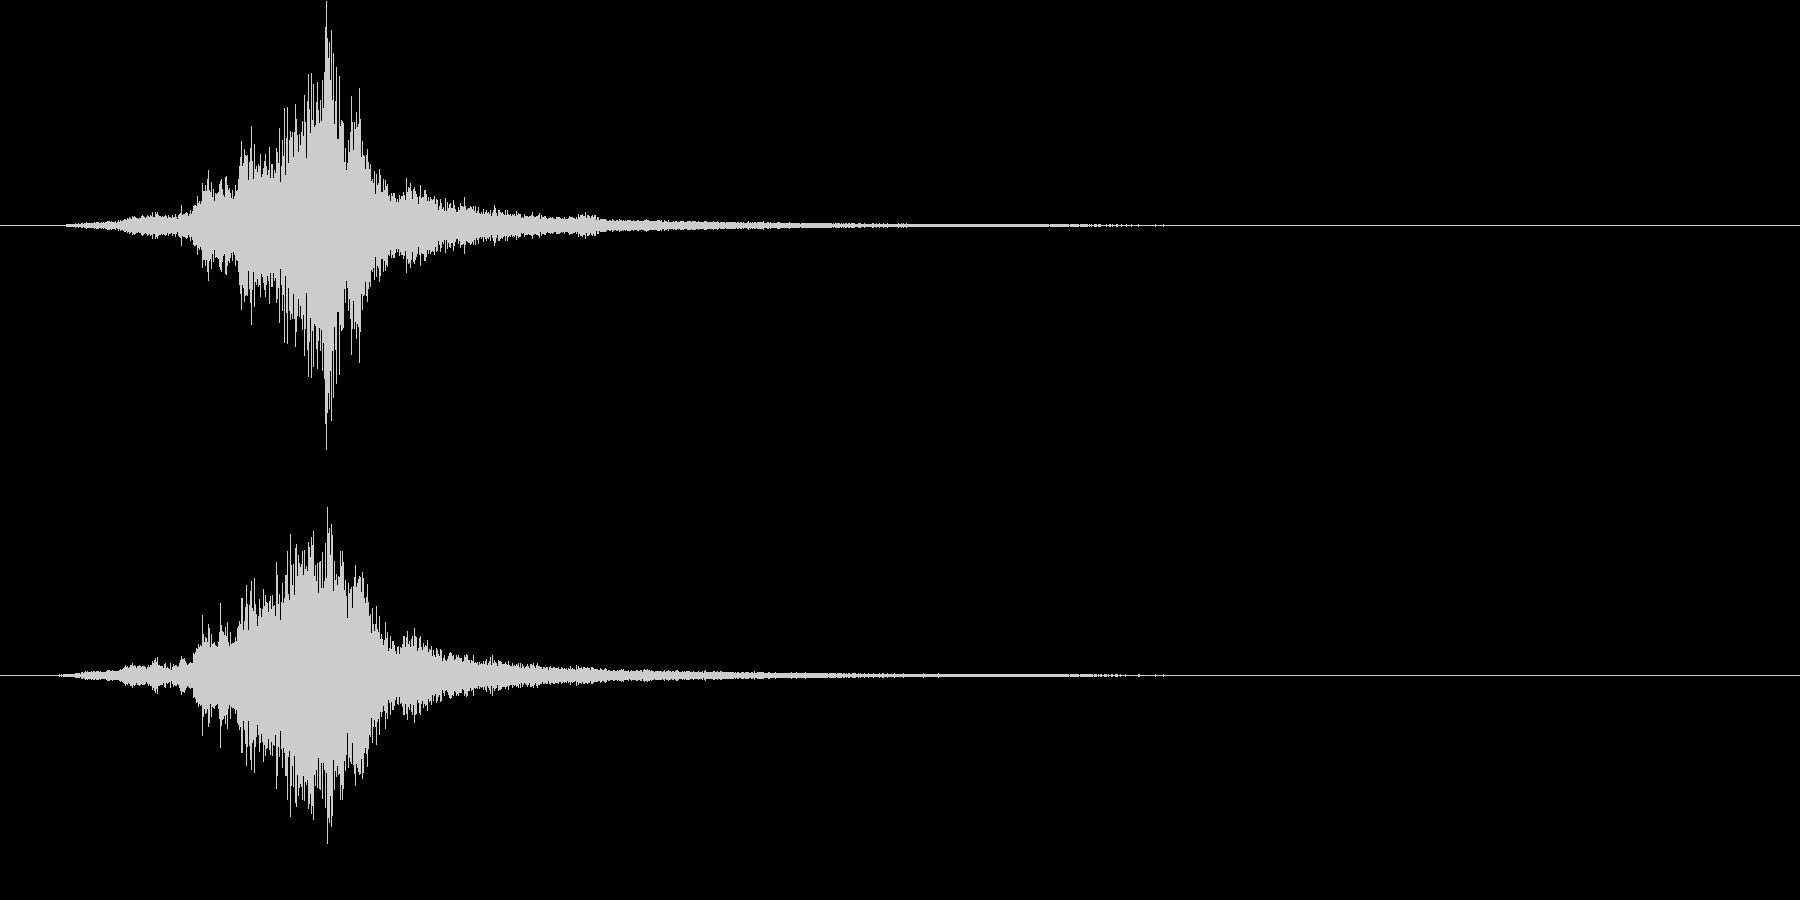 気配/ホラー系/剣を抜くの未再生の波形